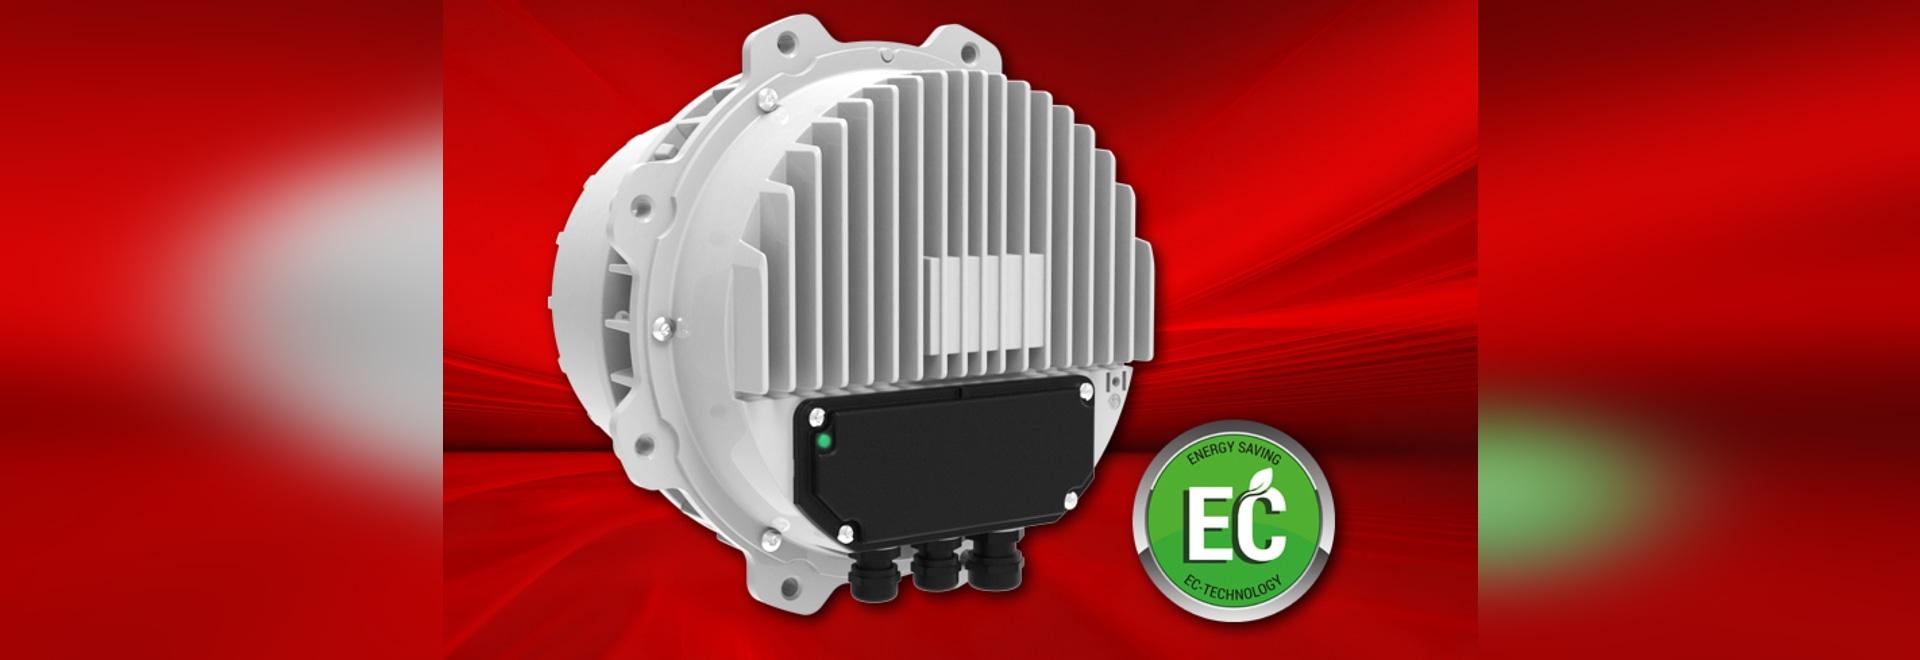 Nuevo motor EC